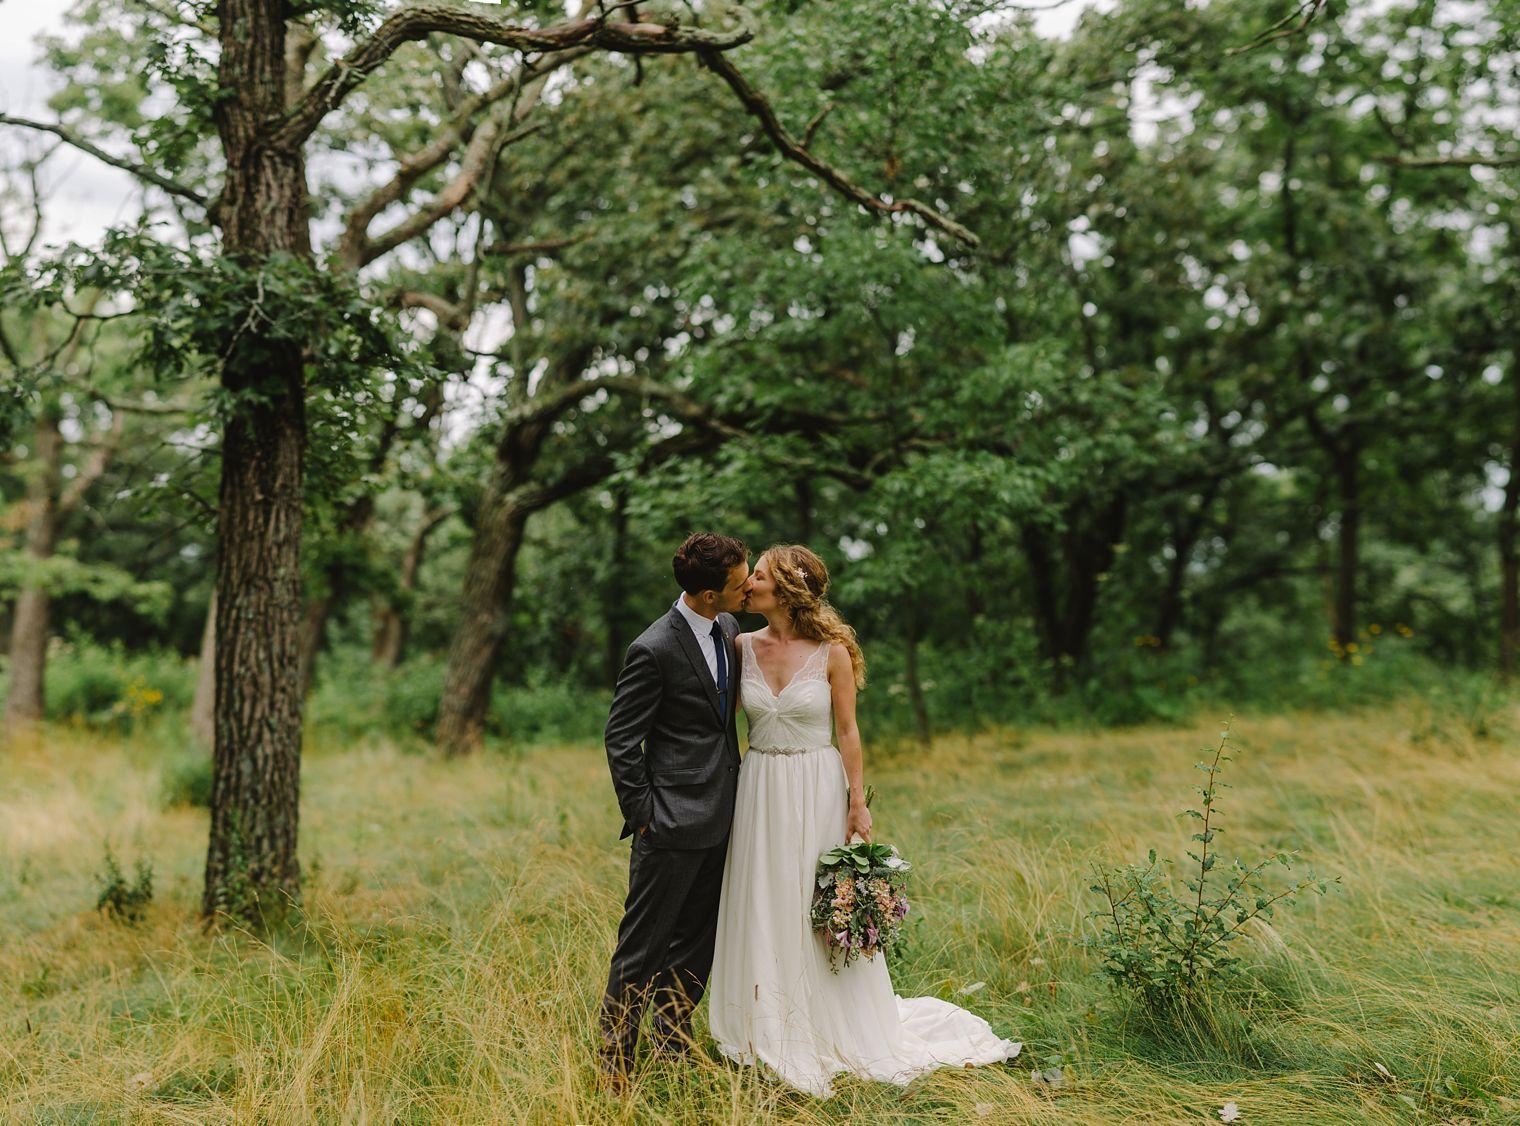 Occonomowoc wedding portrait